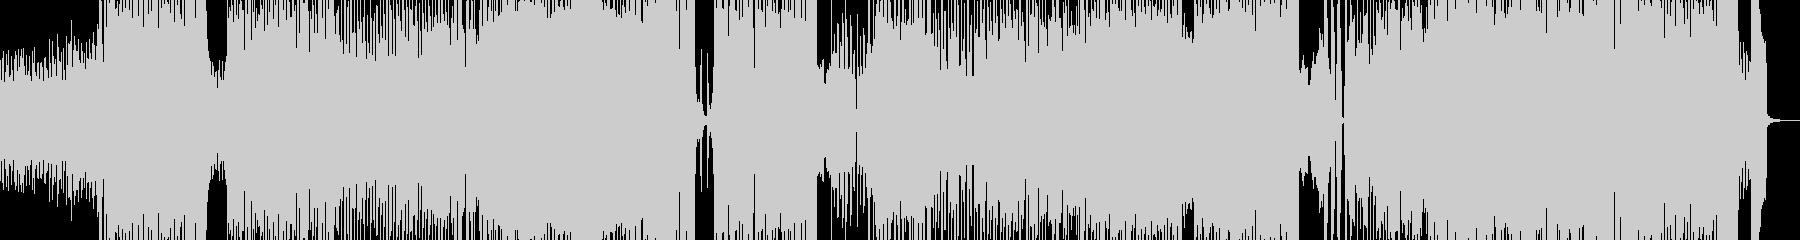 アイドリーなテクノポップ エレキ有の未再生の波形